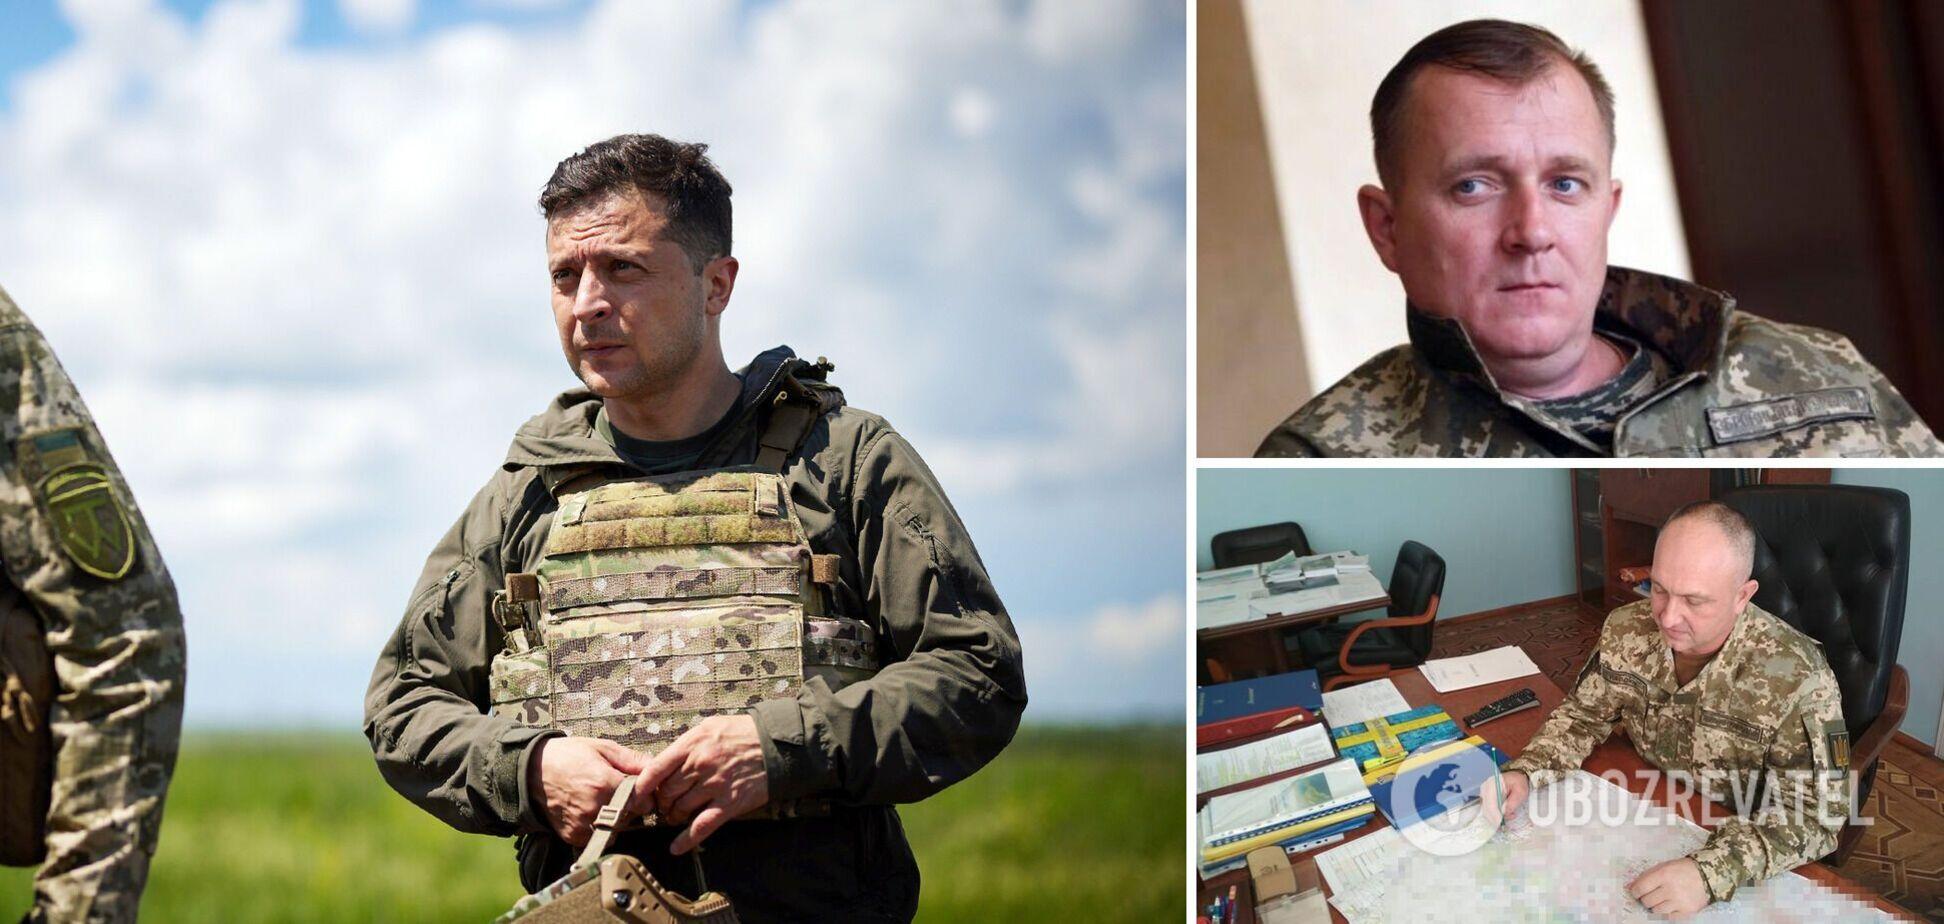 Зеленський змінив главу Генштабу ЗСУ та командувача ООС: що відомо про призначених генералів. Фото